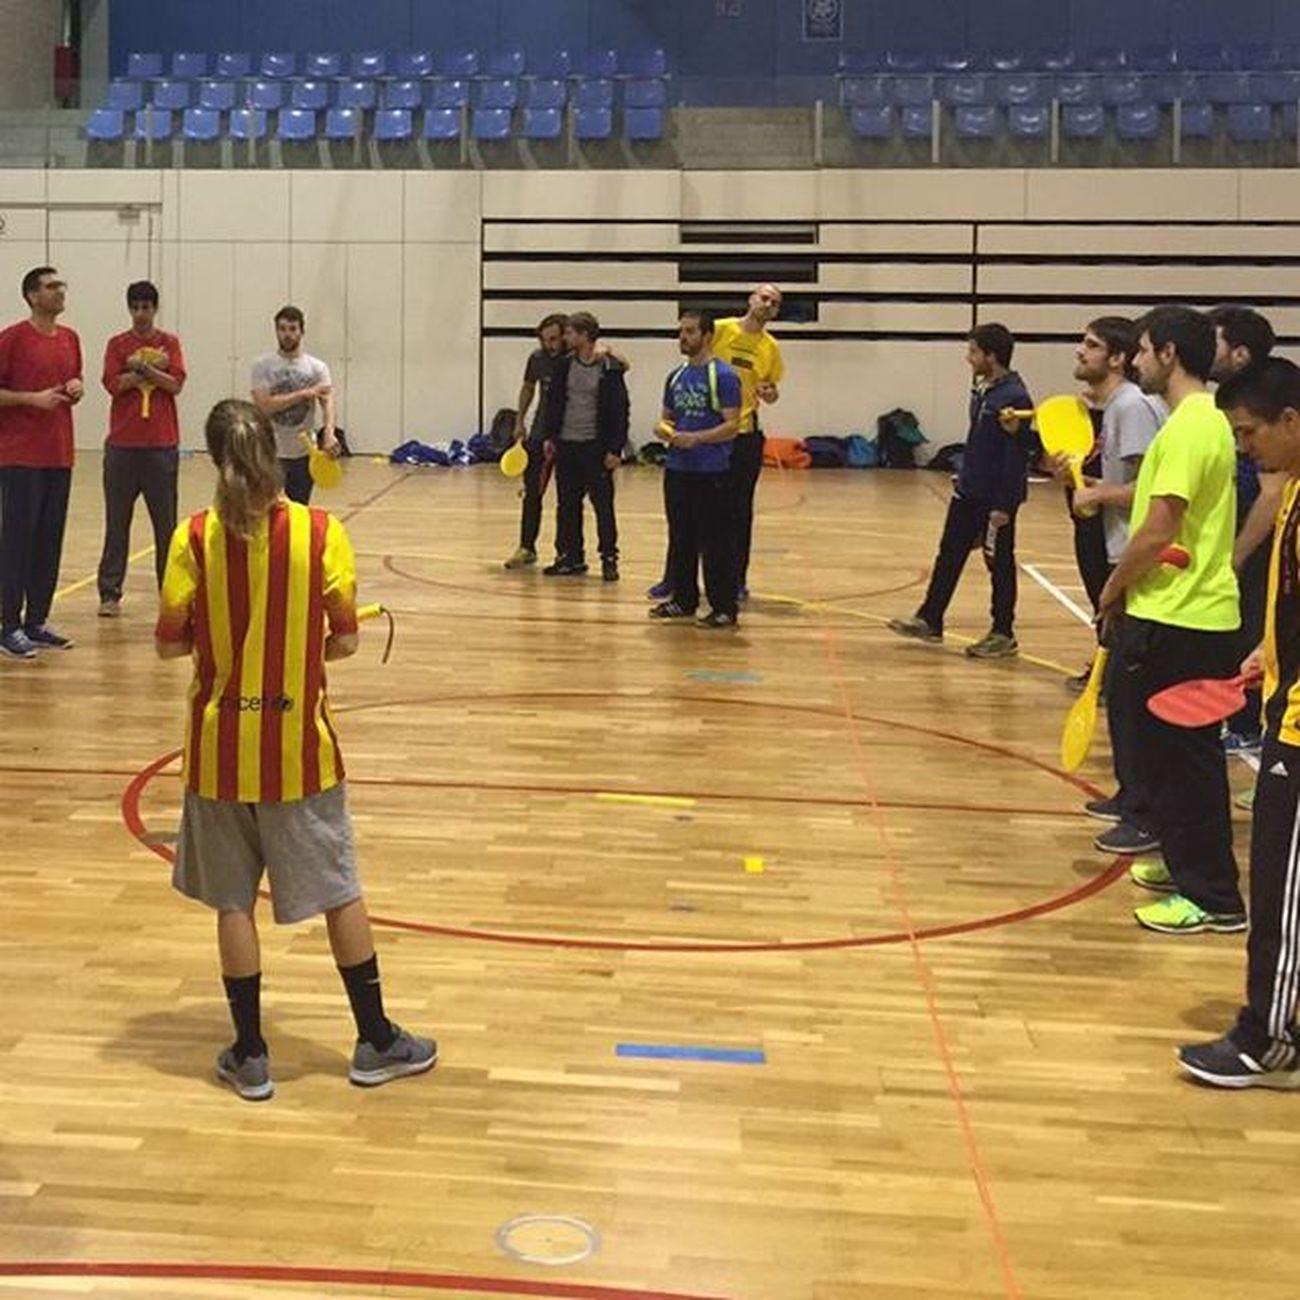 Estils d'Ensenyament Estratègies en la Practica Master Professorat Secundaria EducacióFísica Esports de Raqueta EsportsDeRaqueta MSUrl @Blanquerna